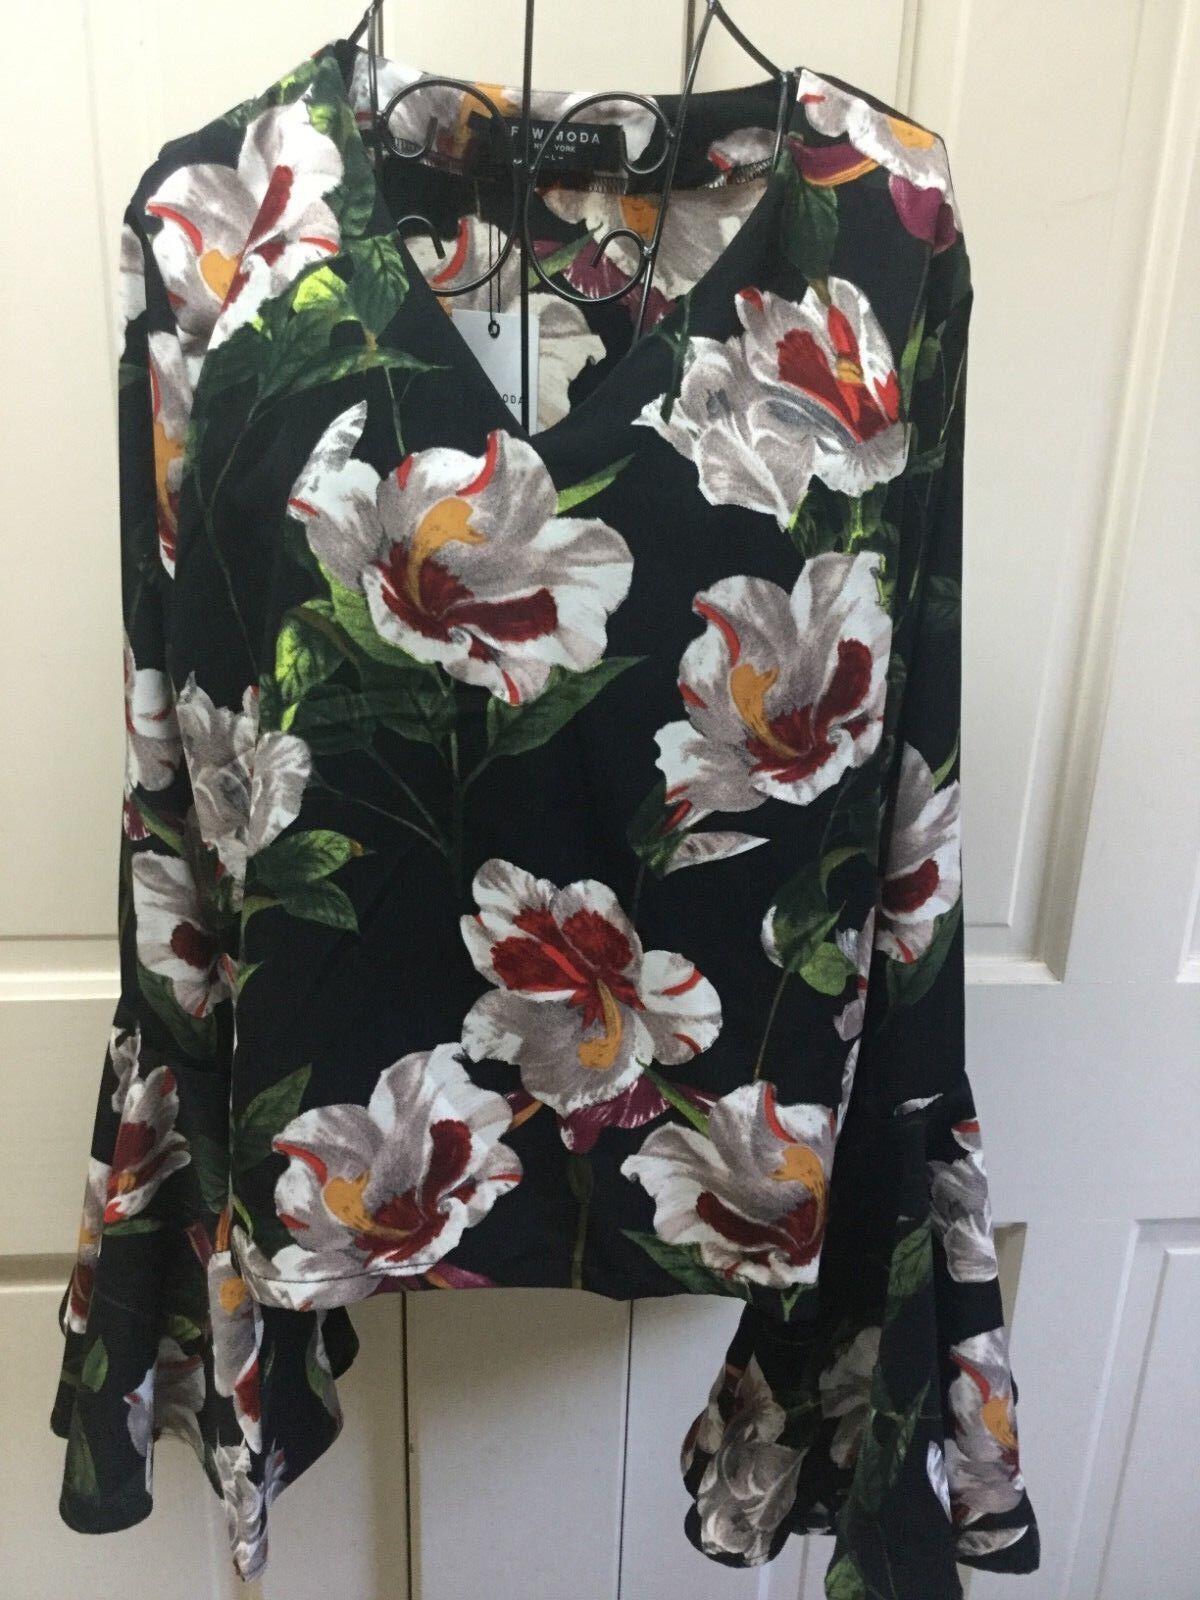 Few Moda Flutter Bell Sleeve Top Blouse Shirt Floral schwarz L NWT